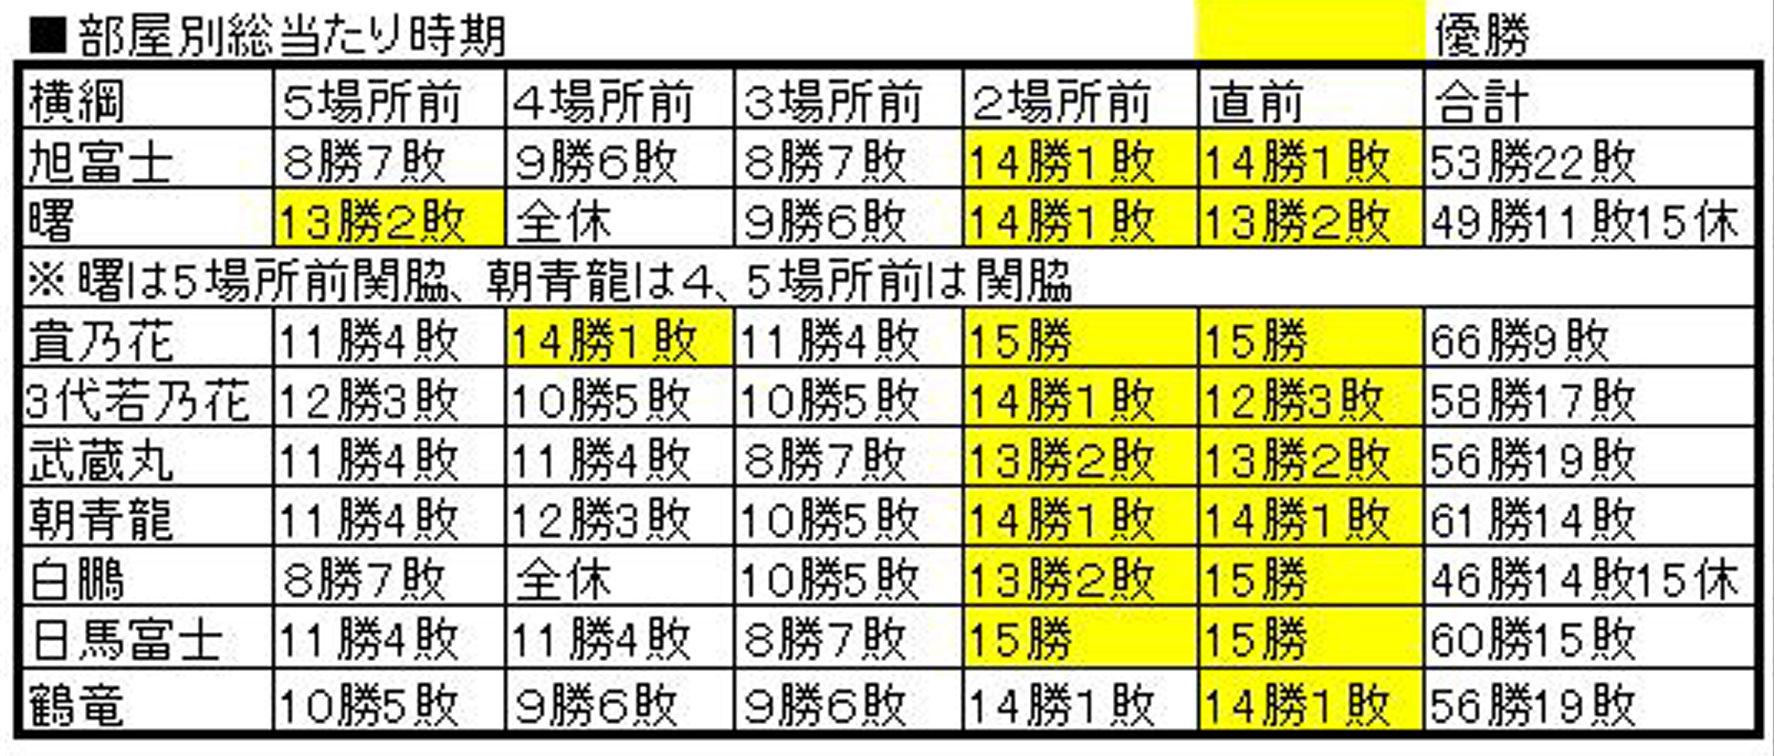 横綱昇進成績3A